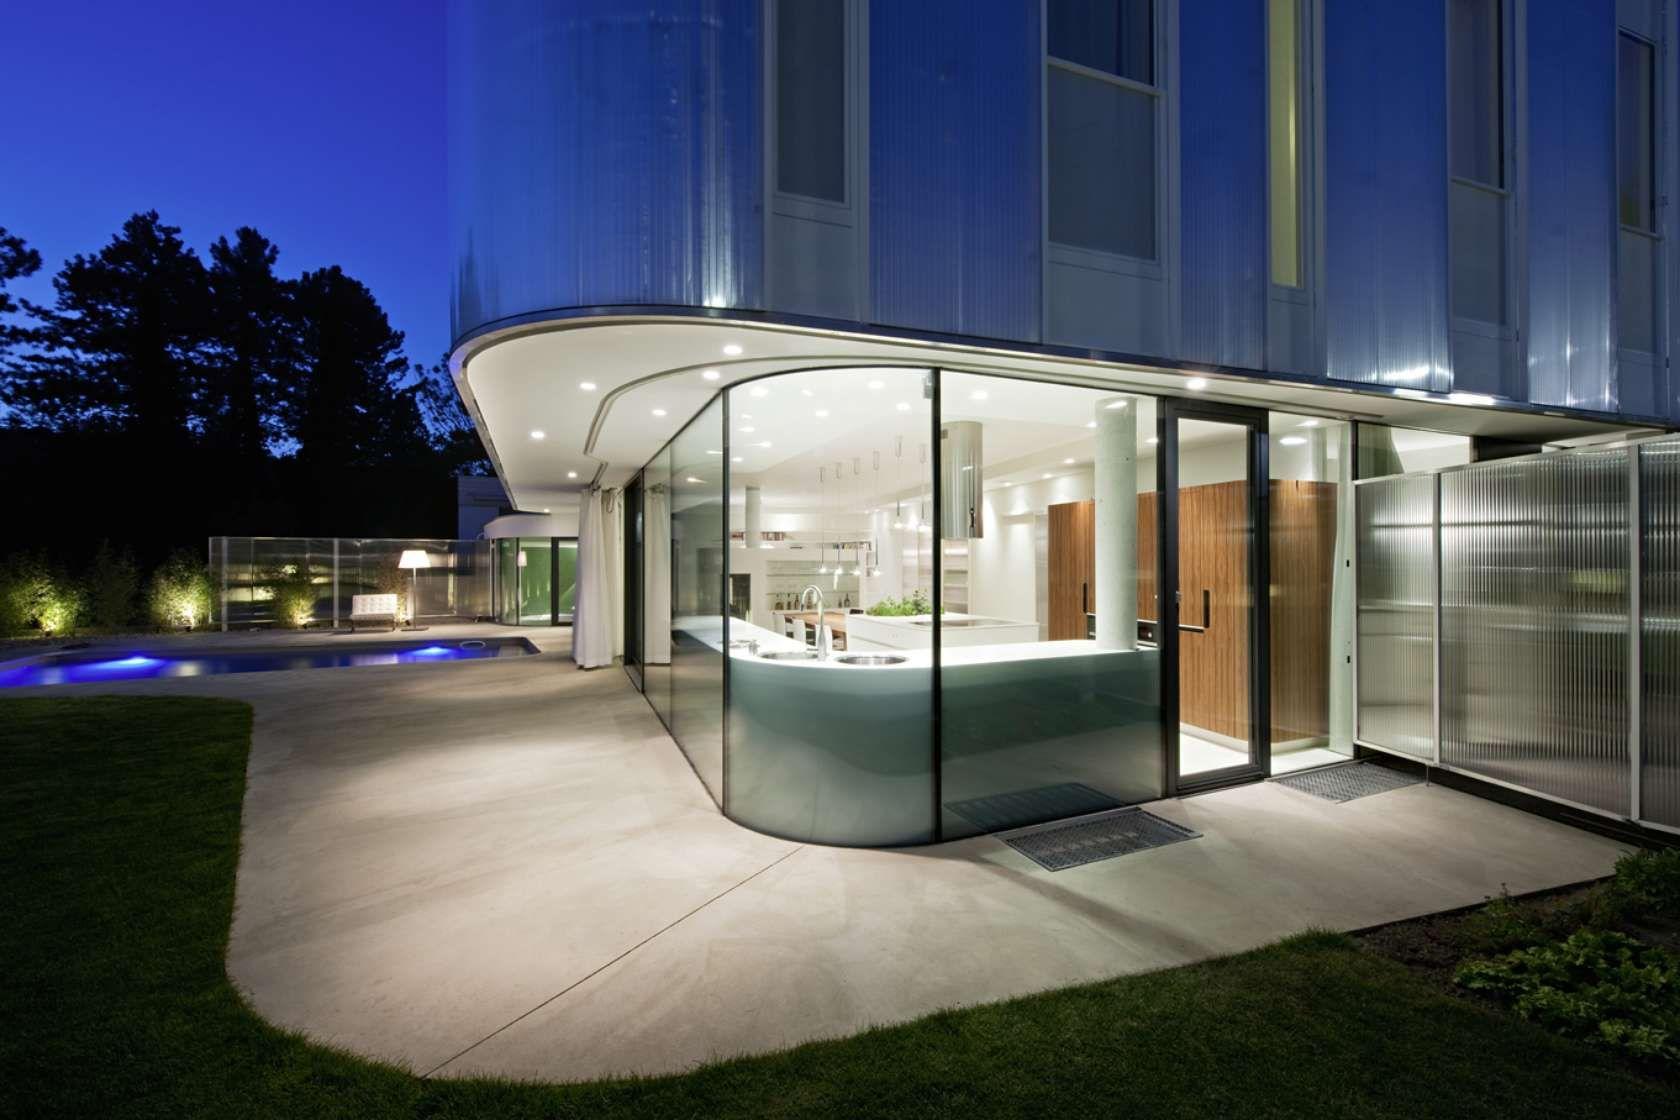 500m² Wohnzimmer, by Caramel.